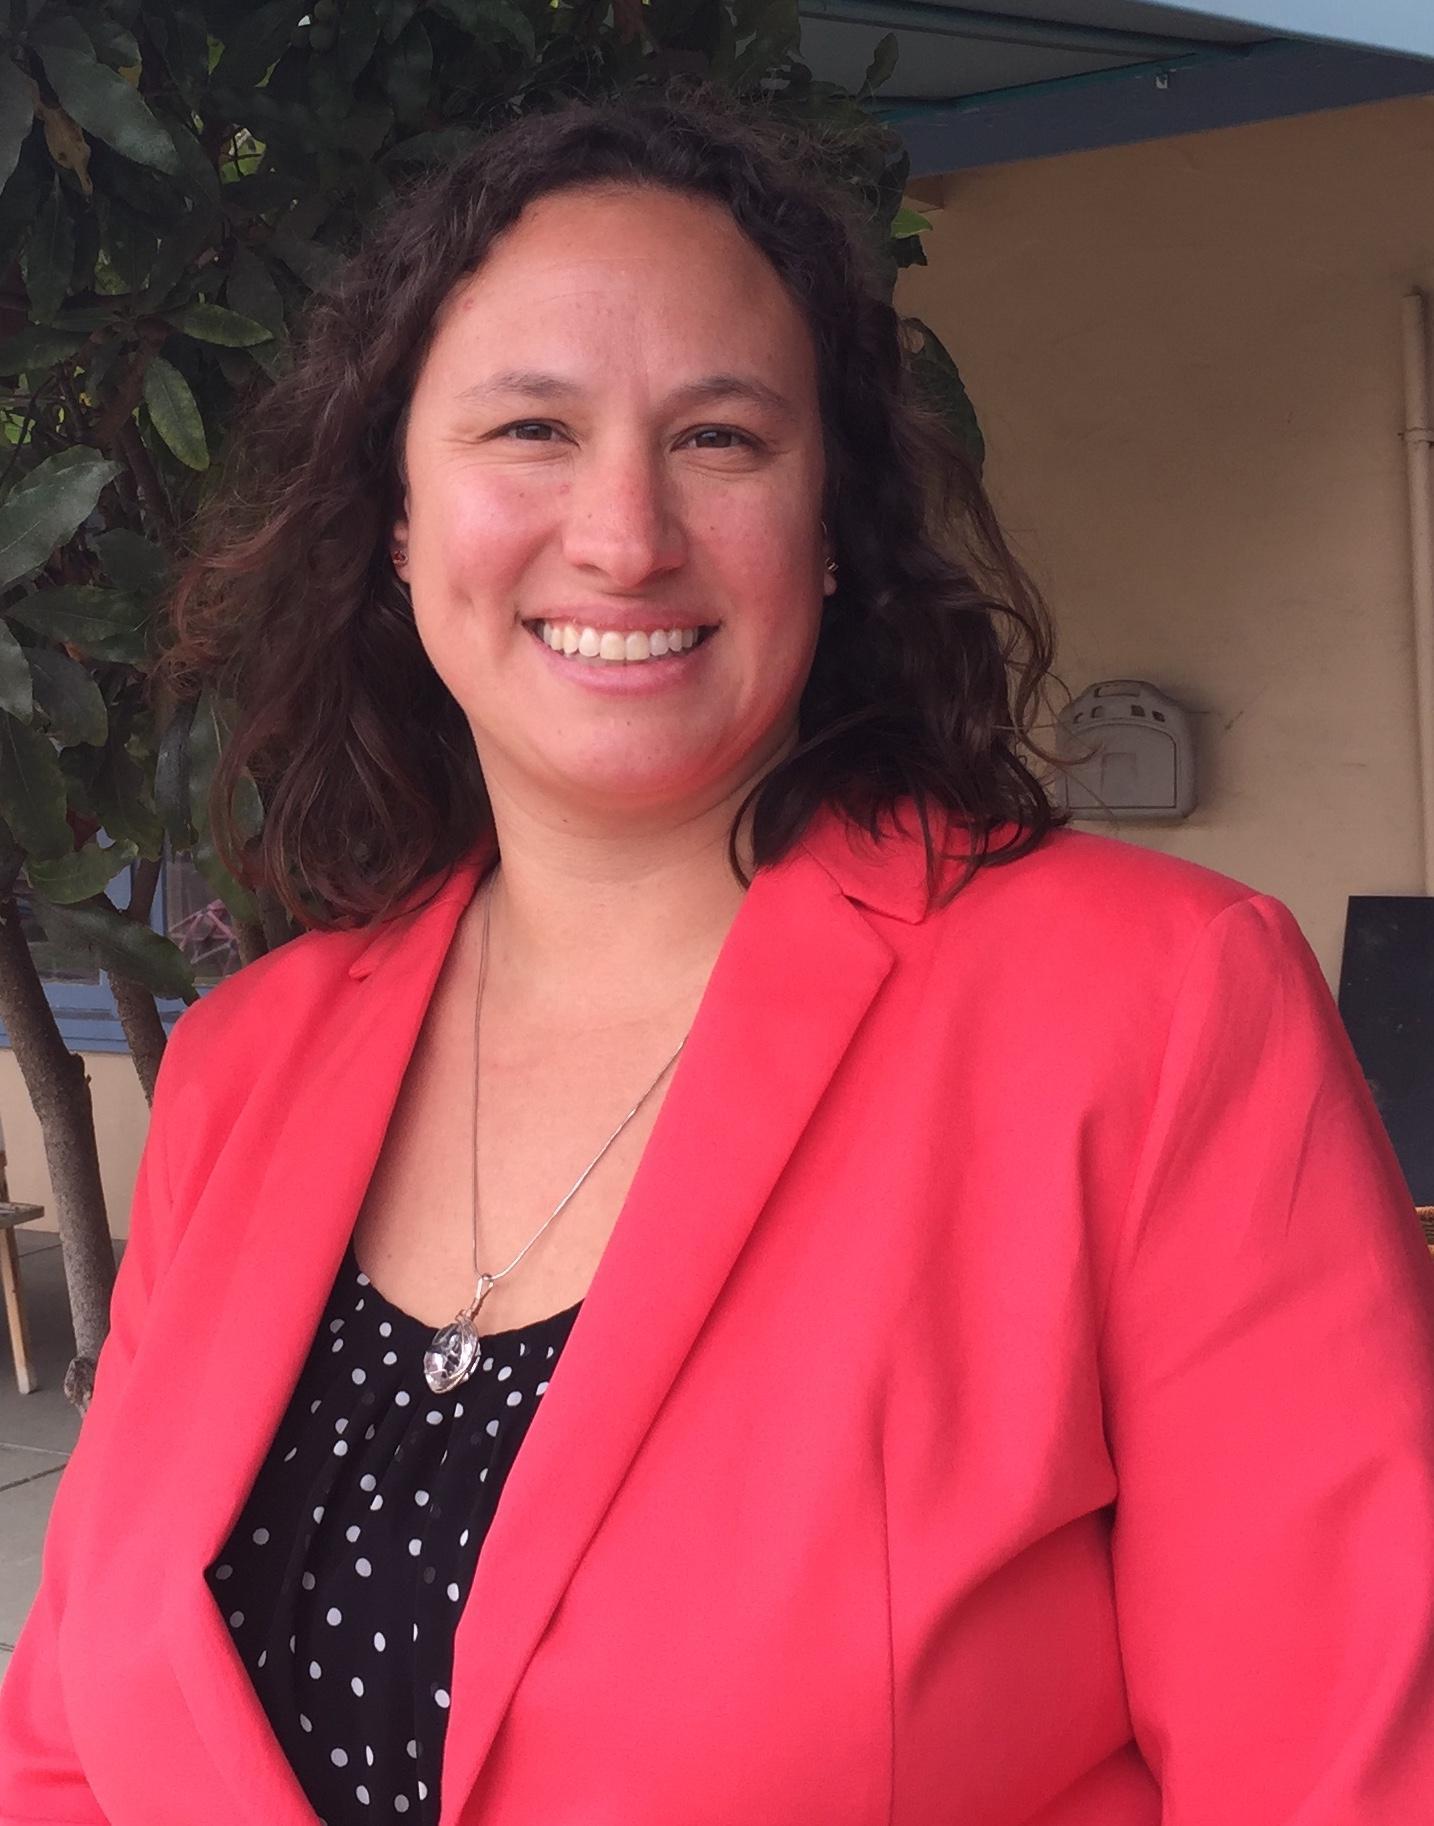 Serina Eichelberger